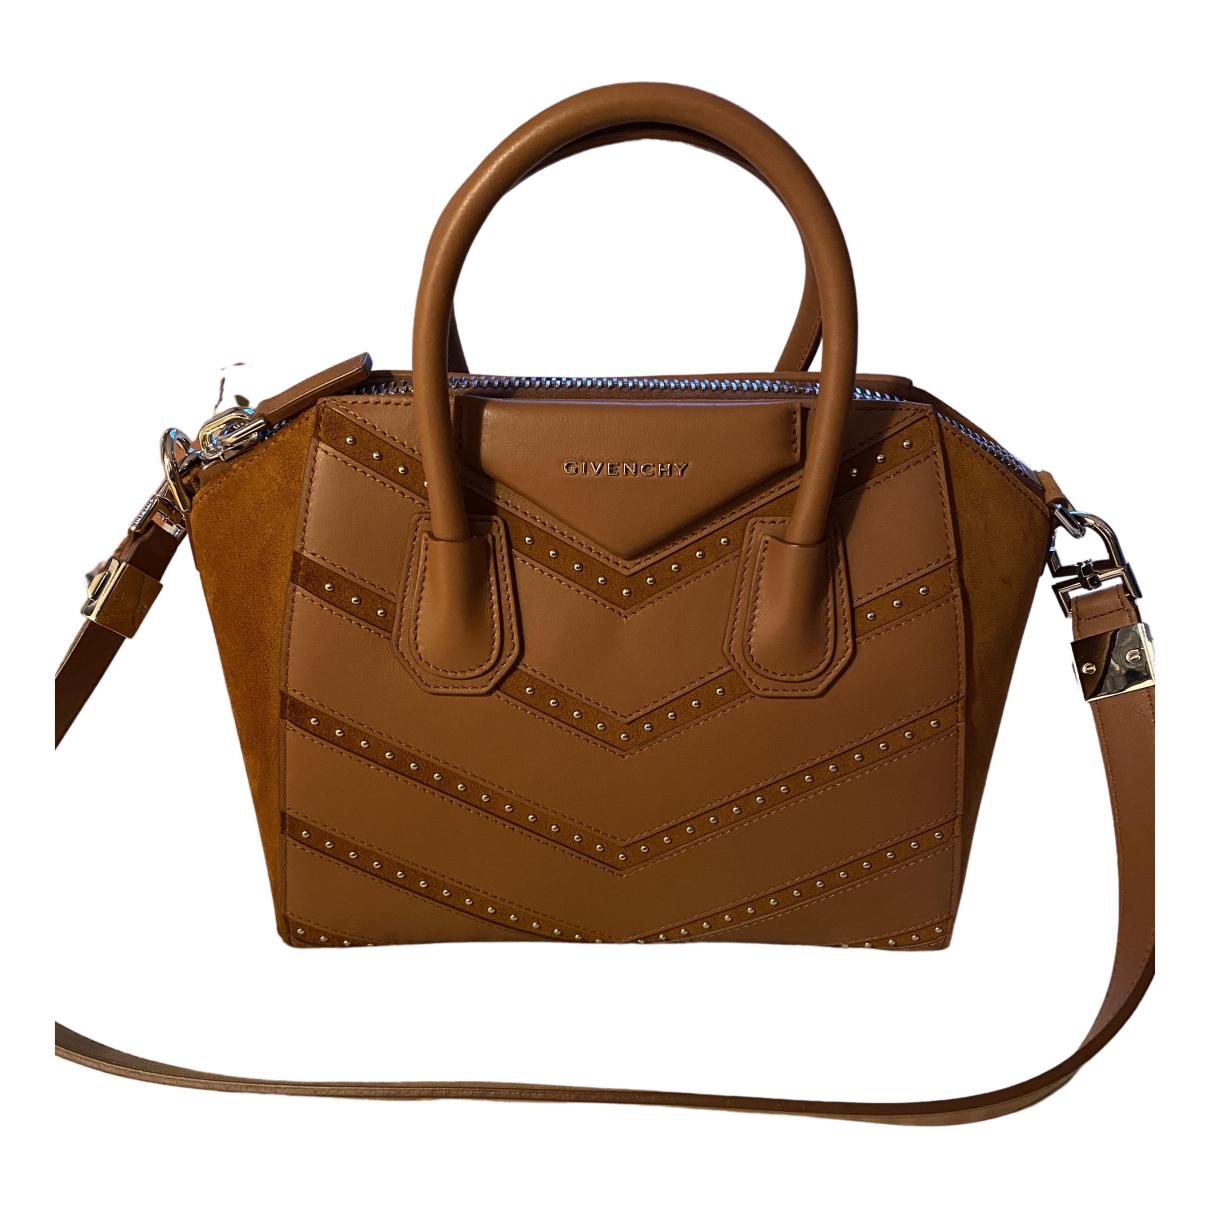 Givenchy Antigona Camel Suede handbag for Women N